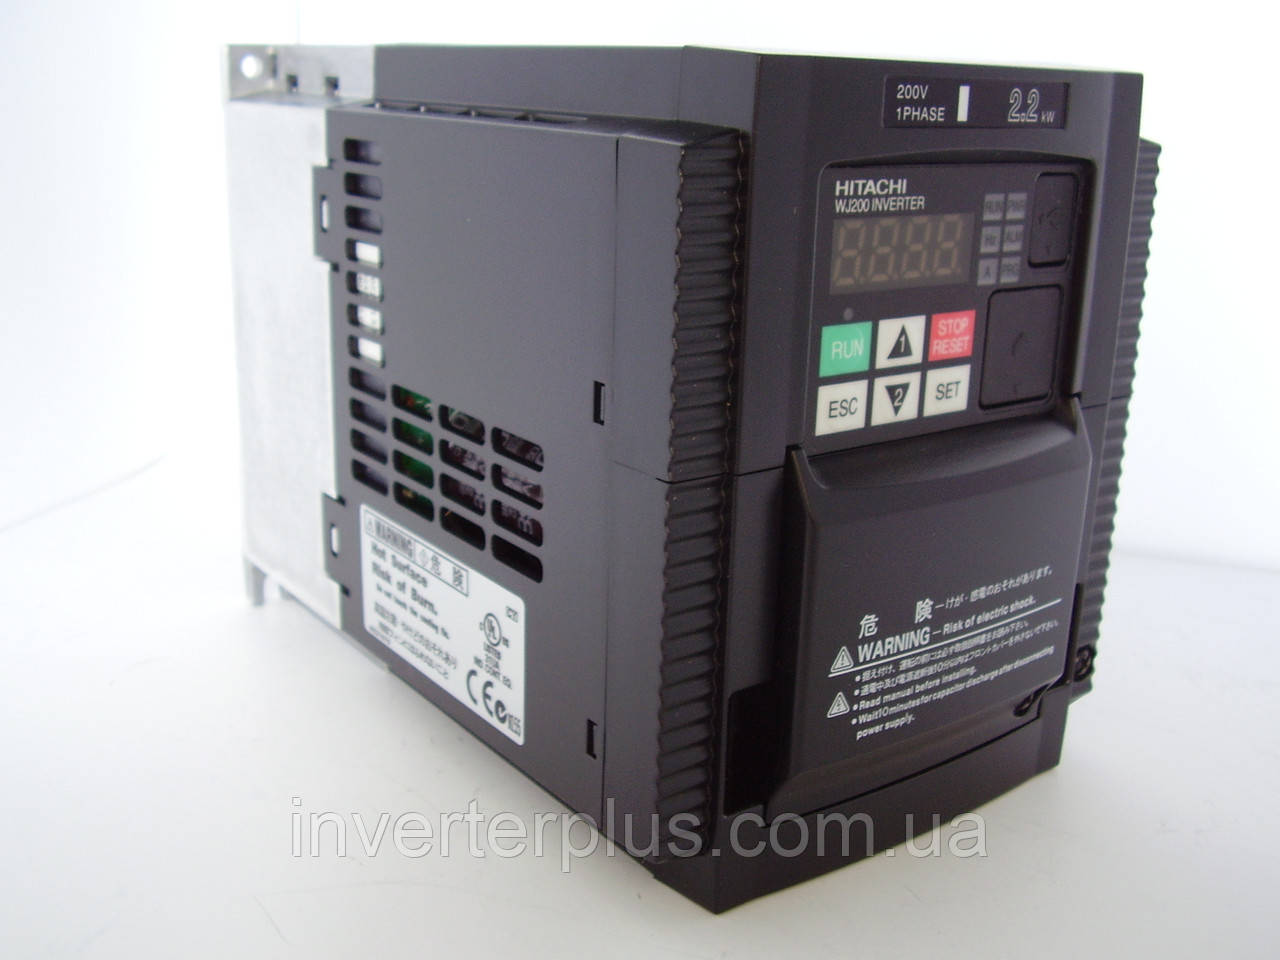 WJ200-022SF; 2,2кВт/220В. Преобразователь частоты Hitachi